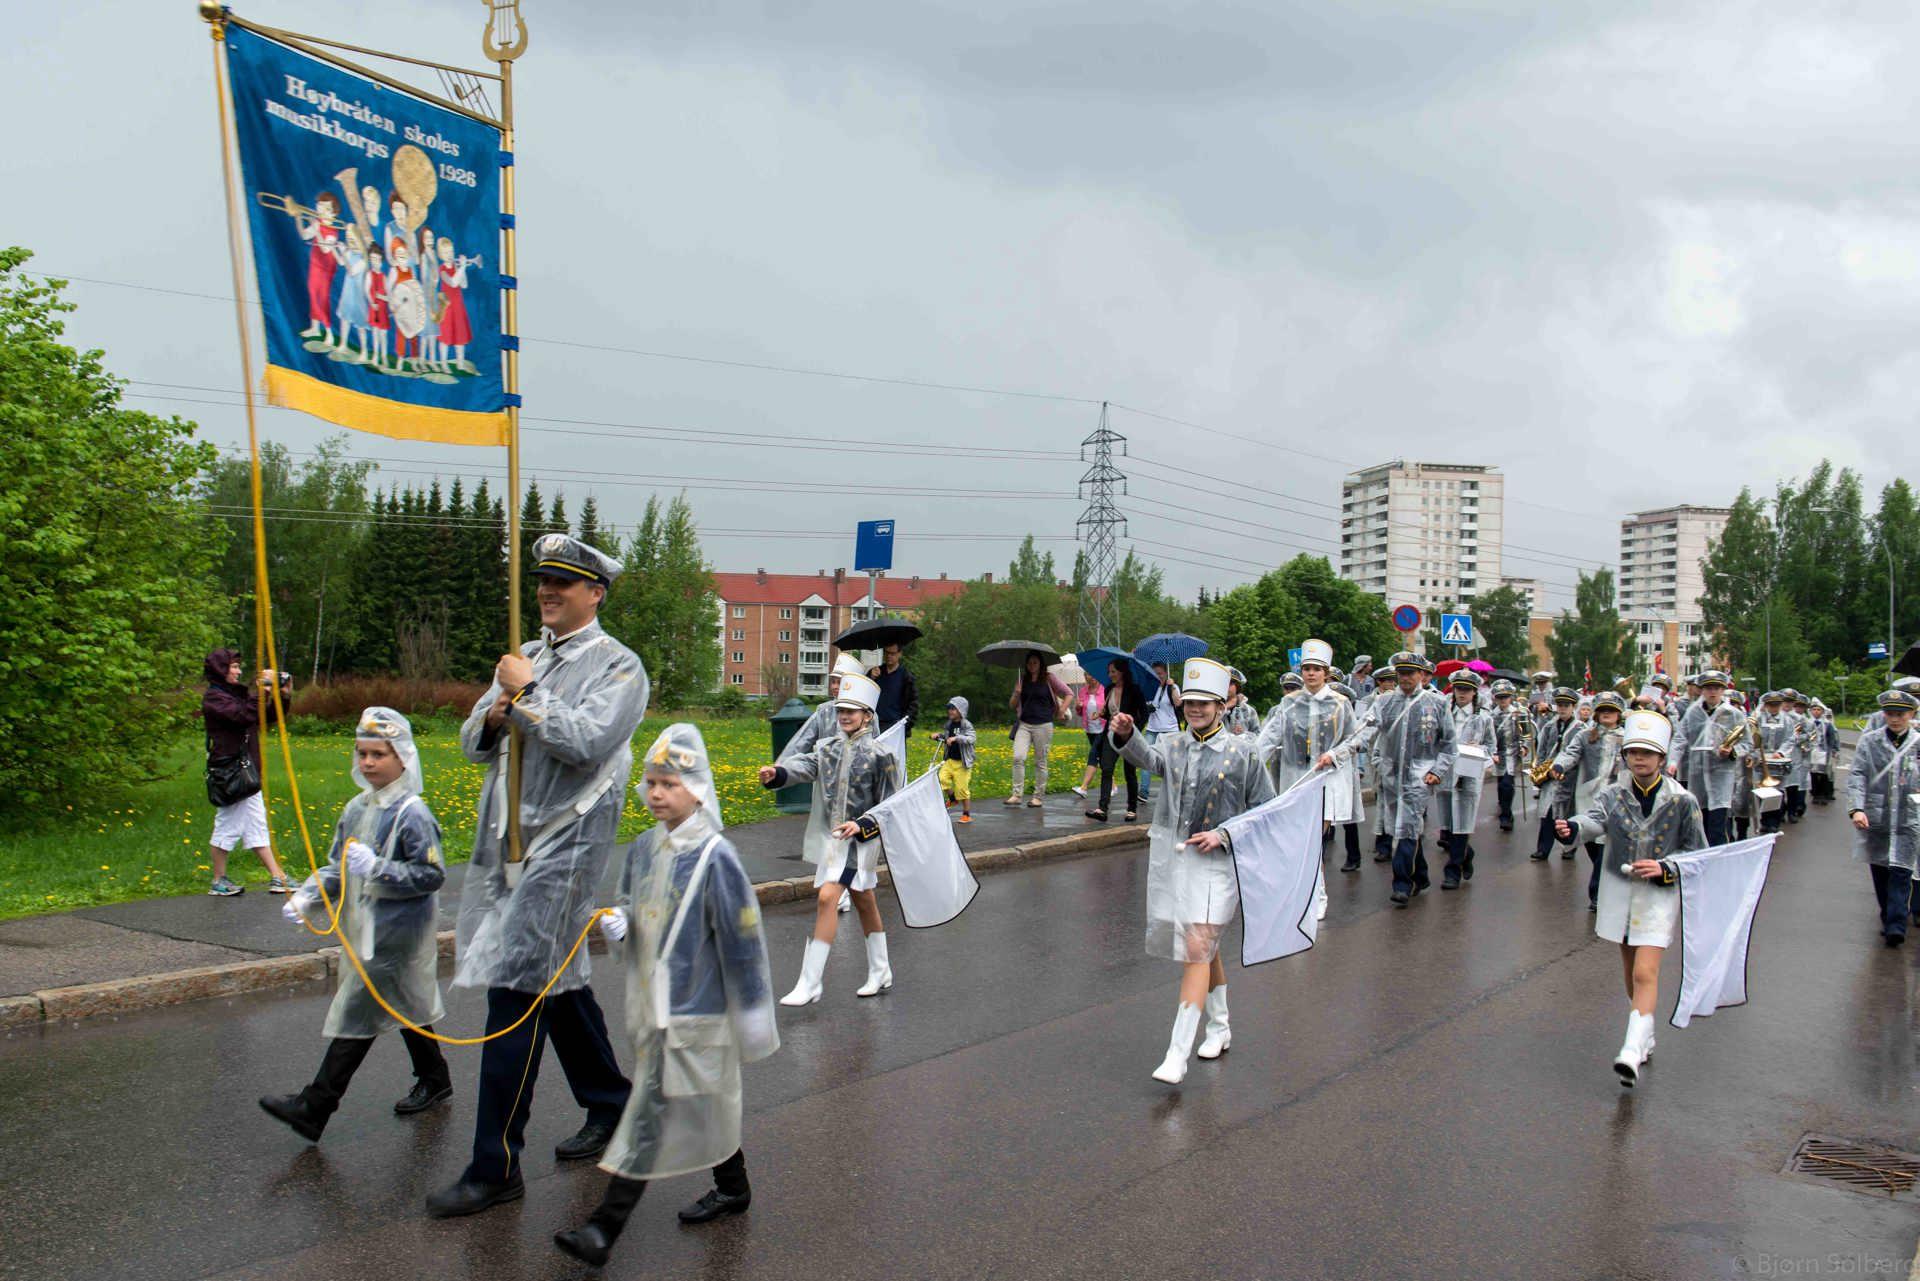 20130602-Korpsstevne Manglerud 2013-06-02 006.jpg